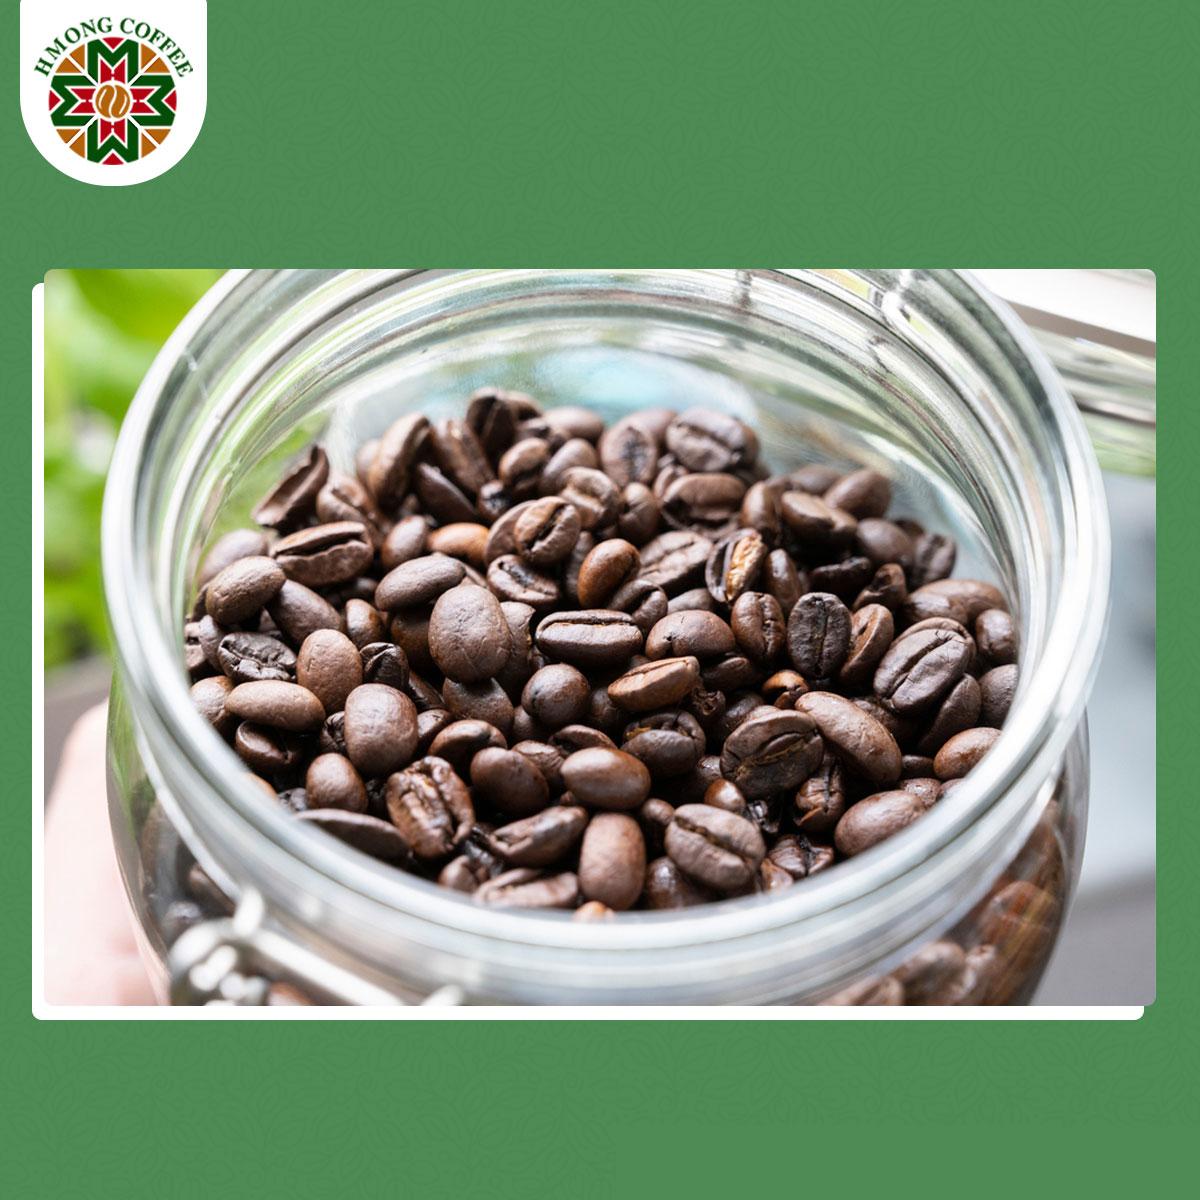 Bảo quản cà phê - lưu ý trong kinh doanh cà phê take away